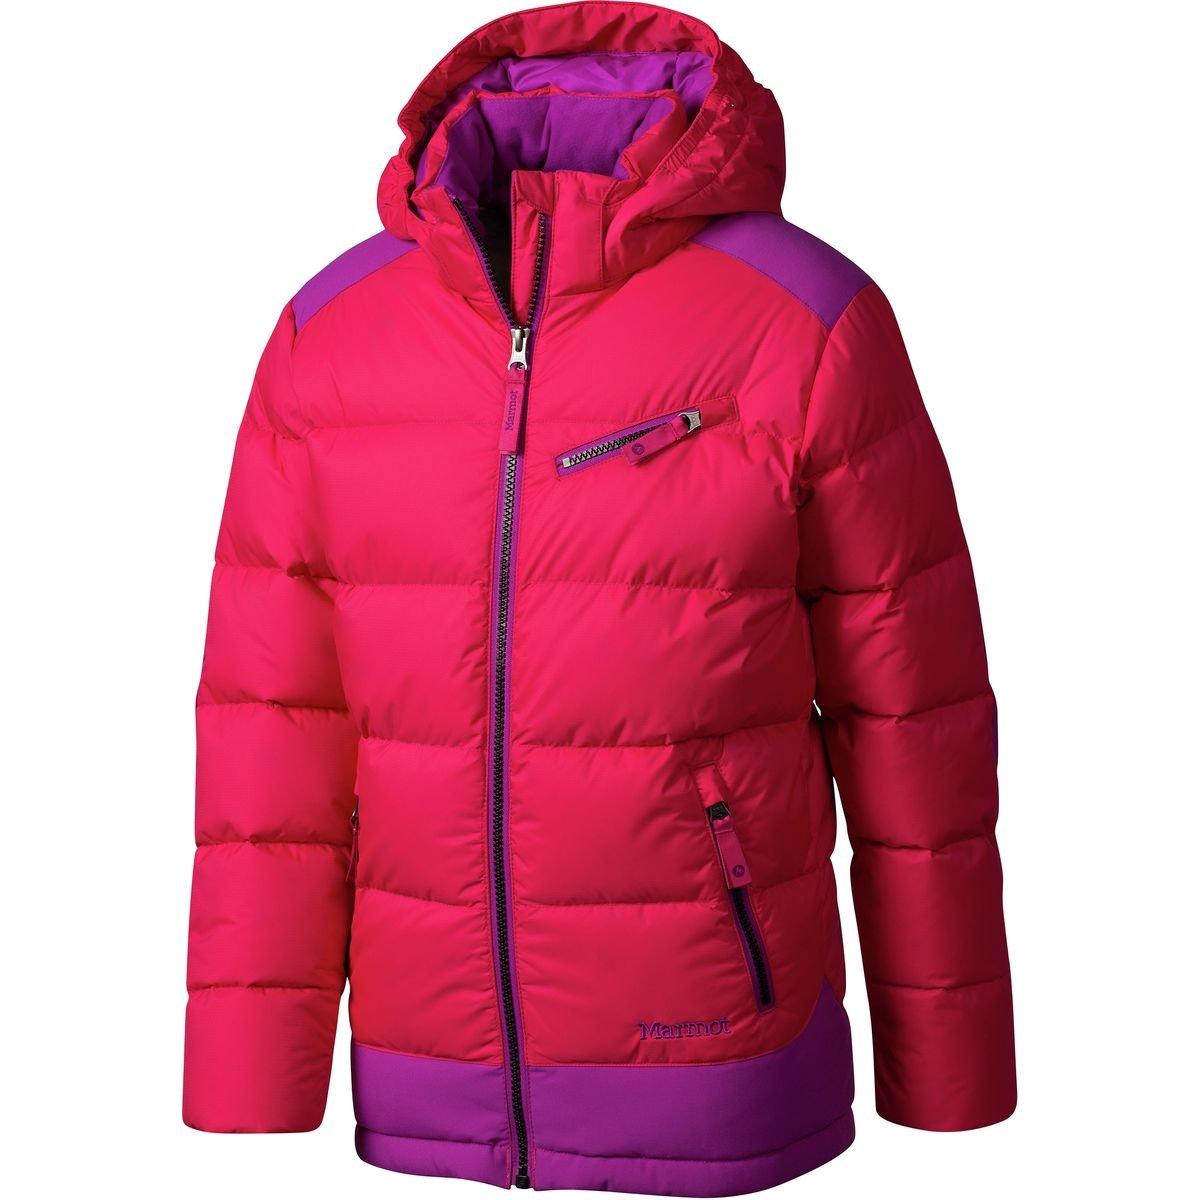 Marmot – Sling Shot Junior Skijacke (pink) – S günstig online kaufen